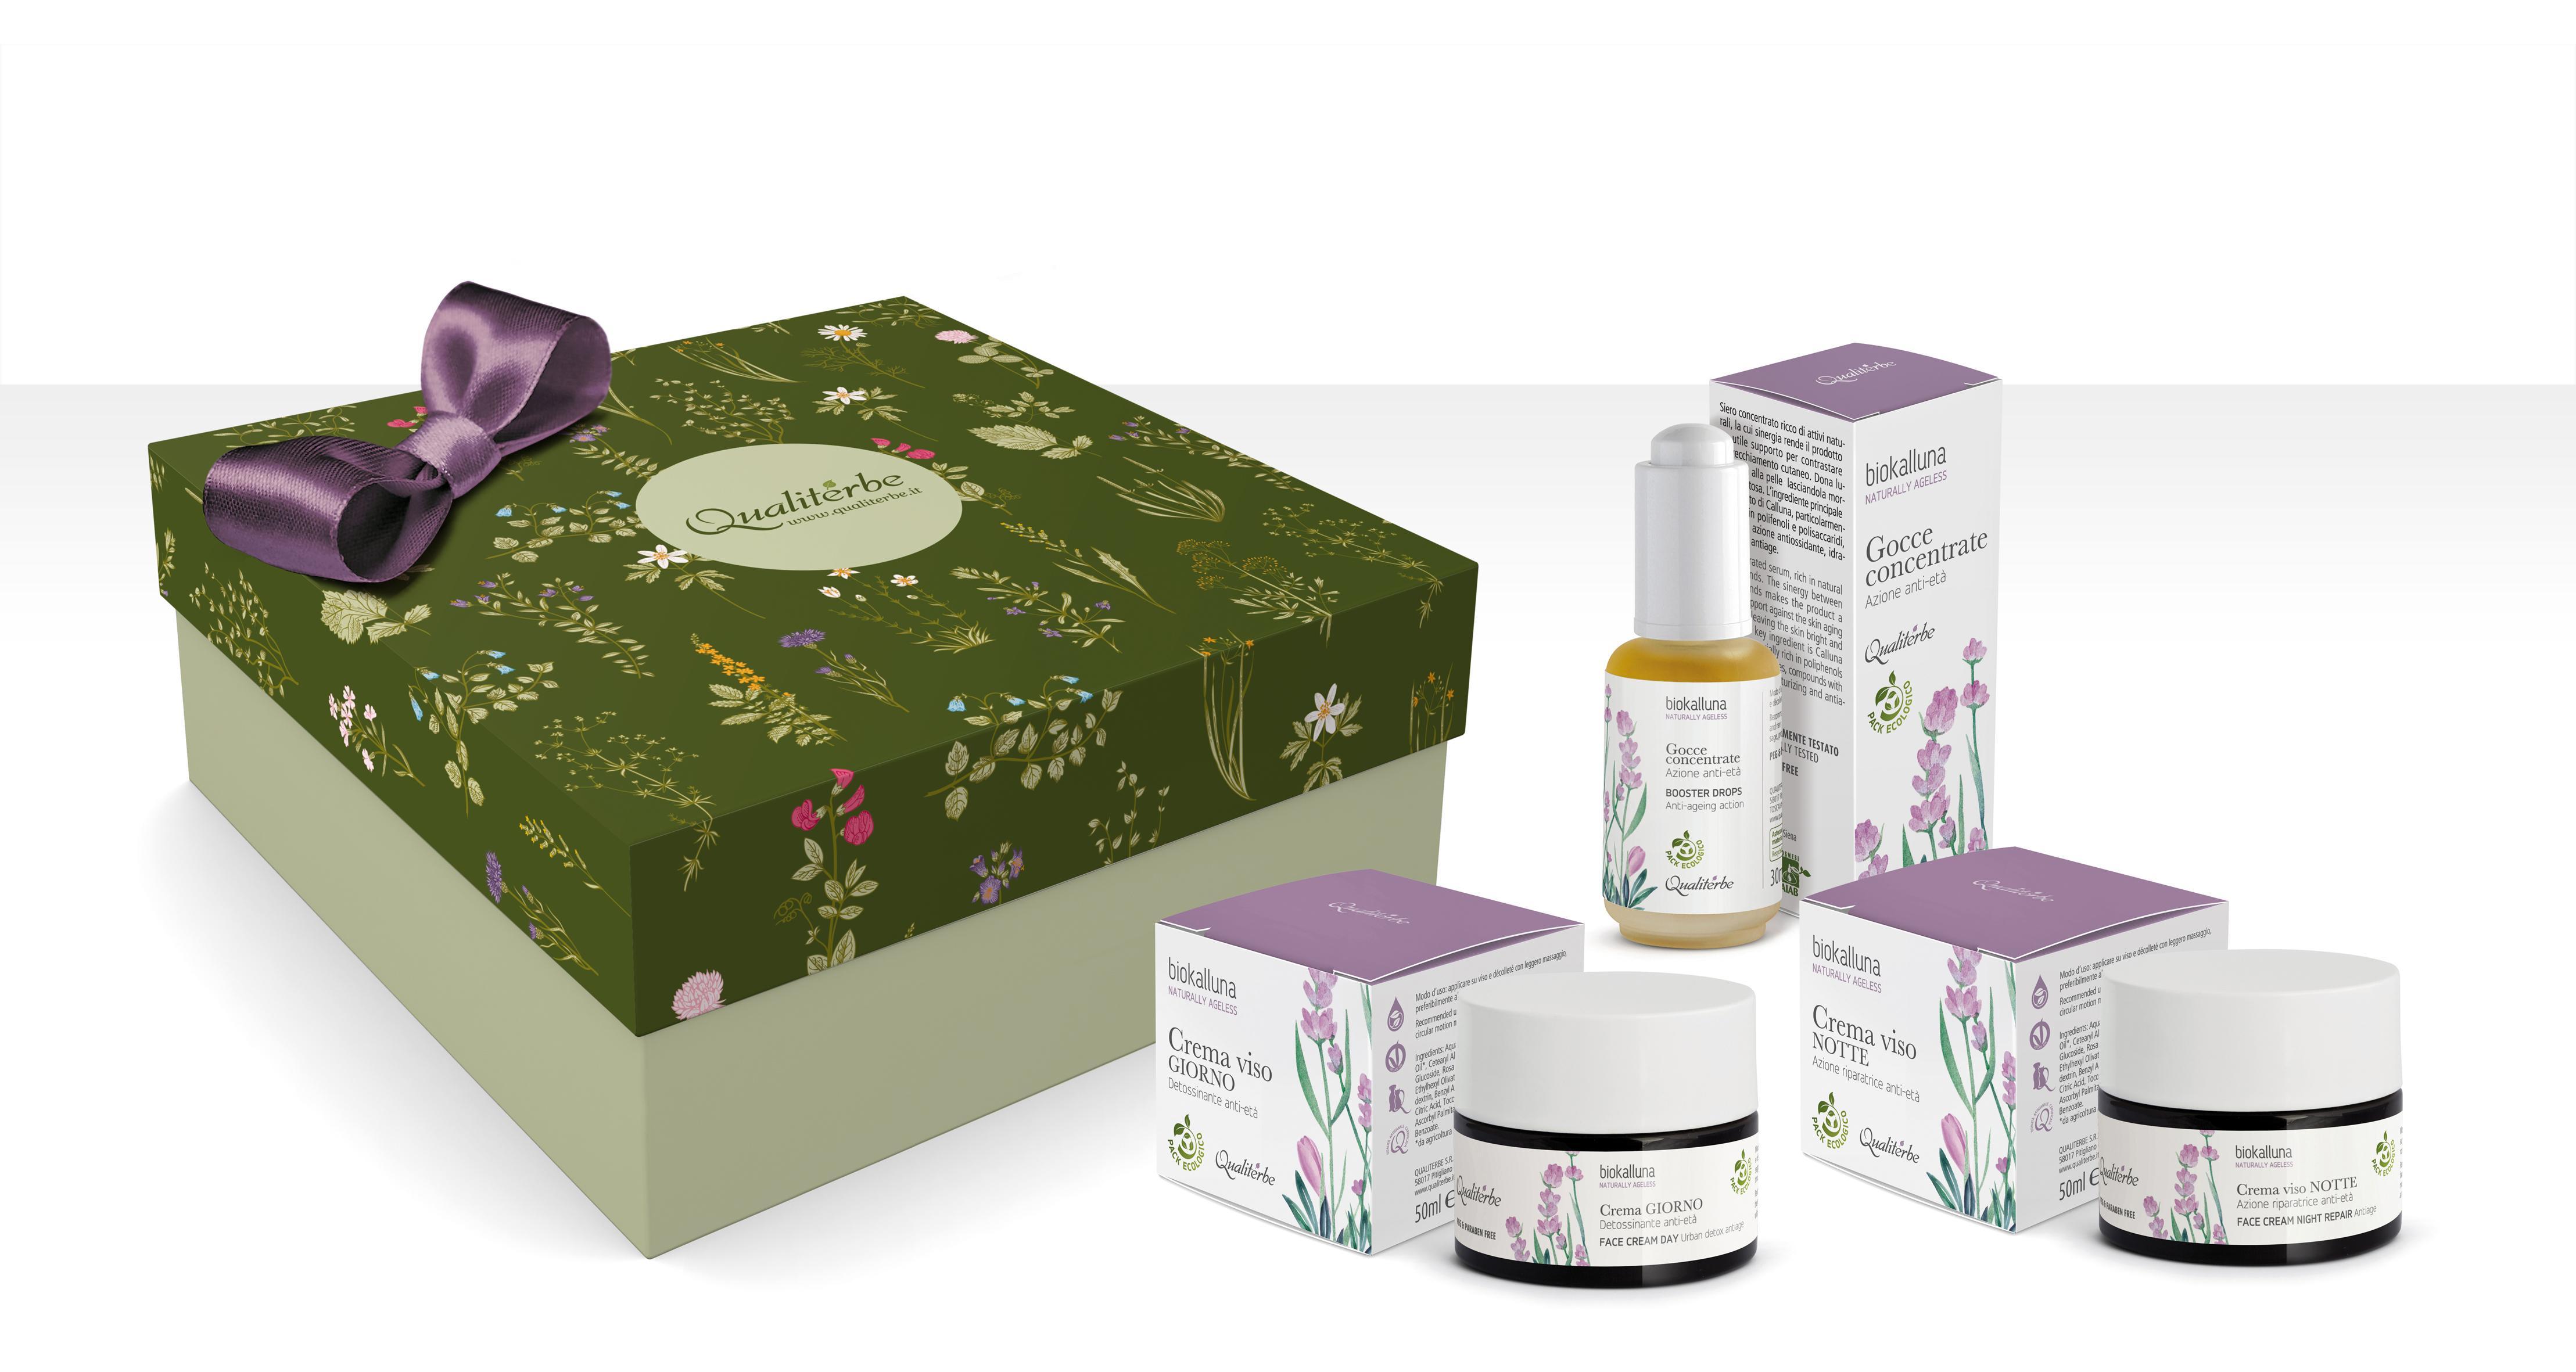 Quality Bio Naturally Ageless Full Line Gratis spedizione e confezione regalo Biokalluna